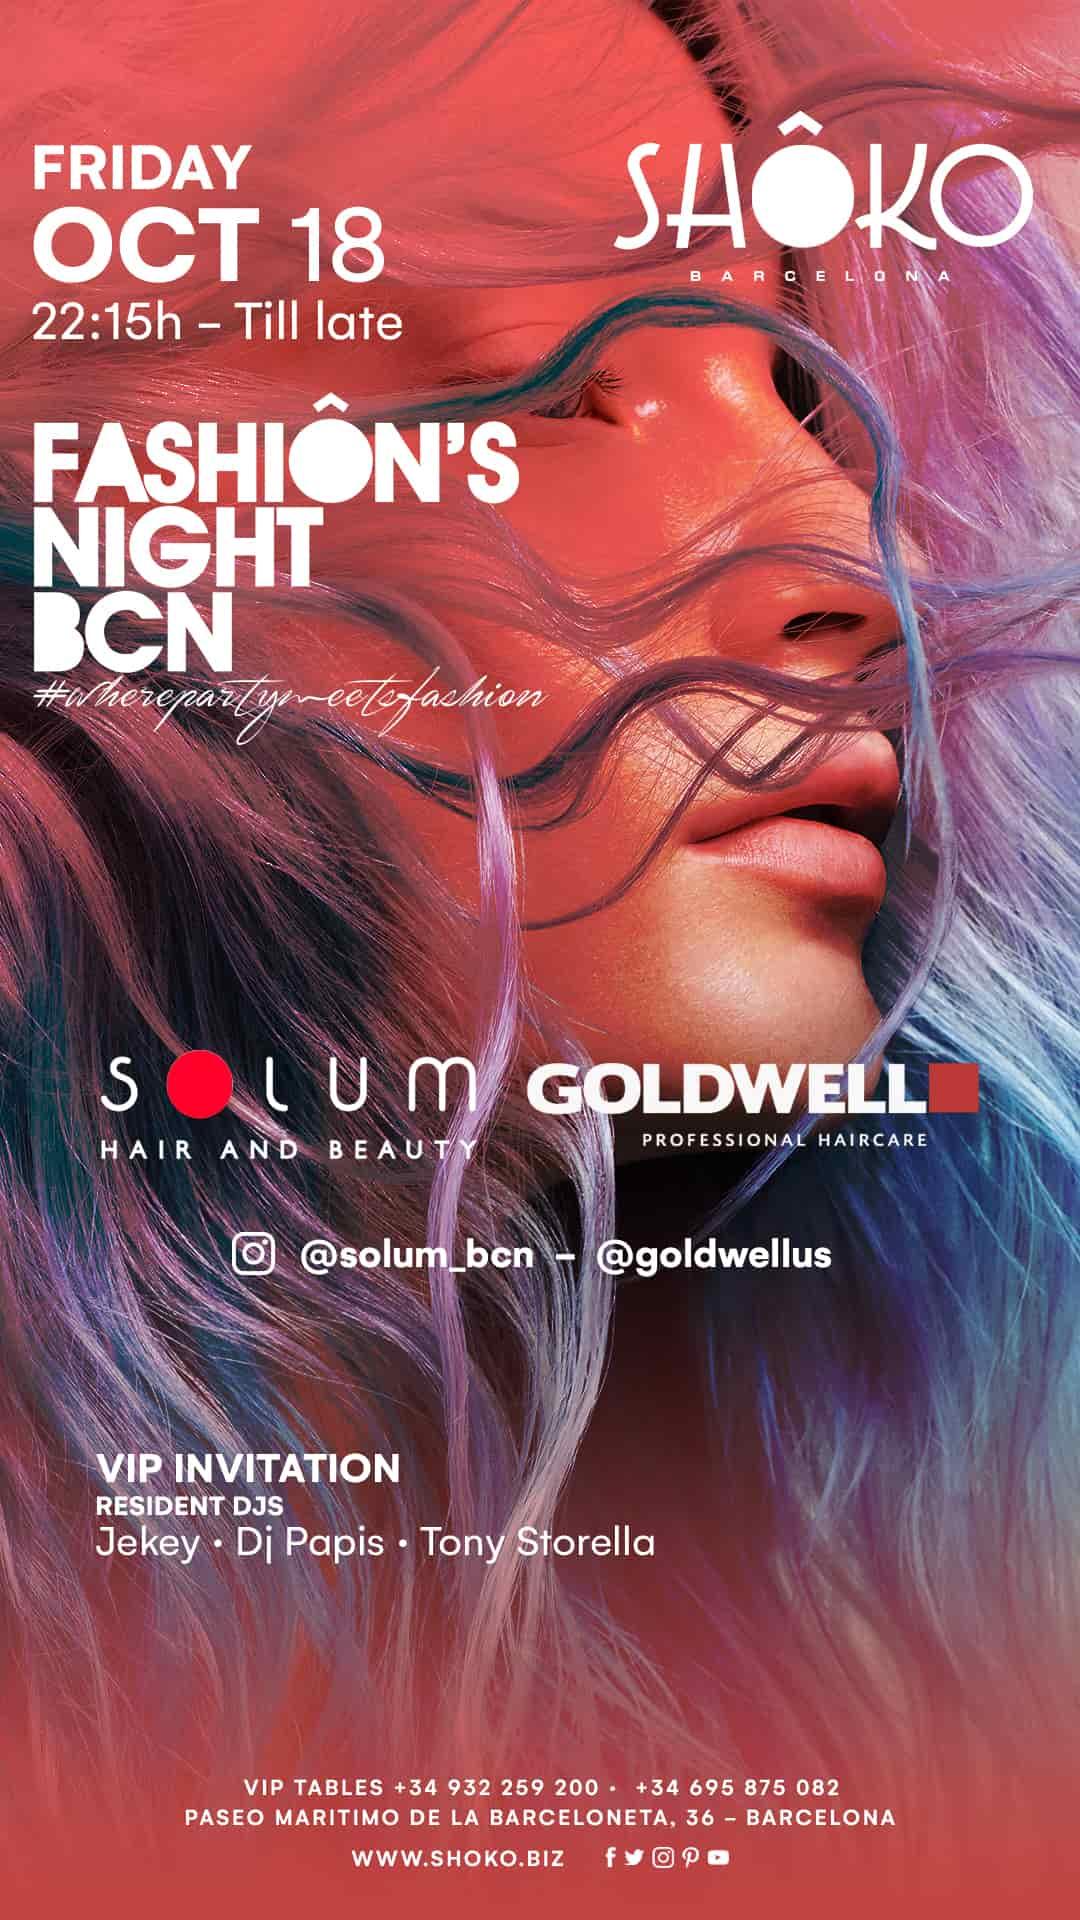 Fashion's Night BCN